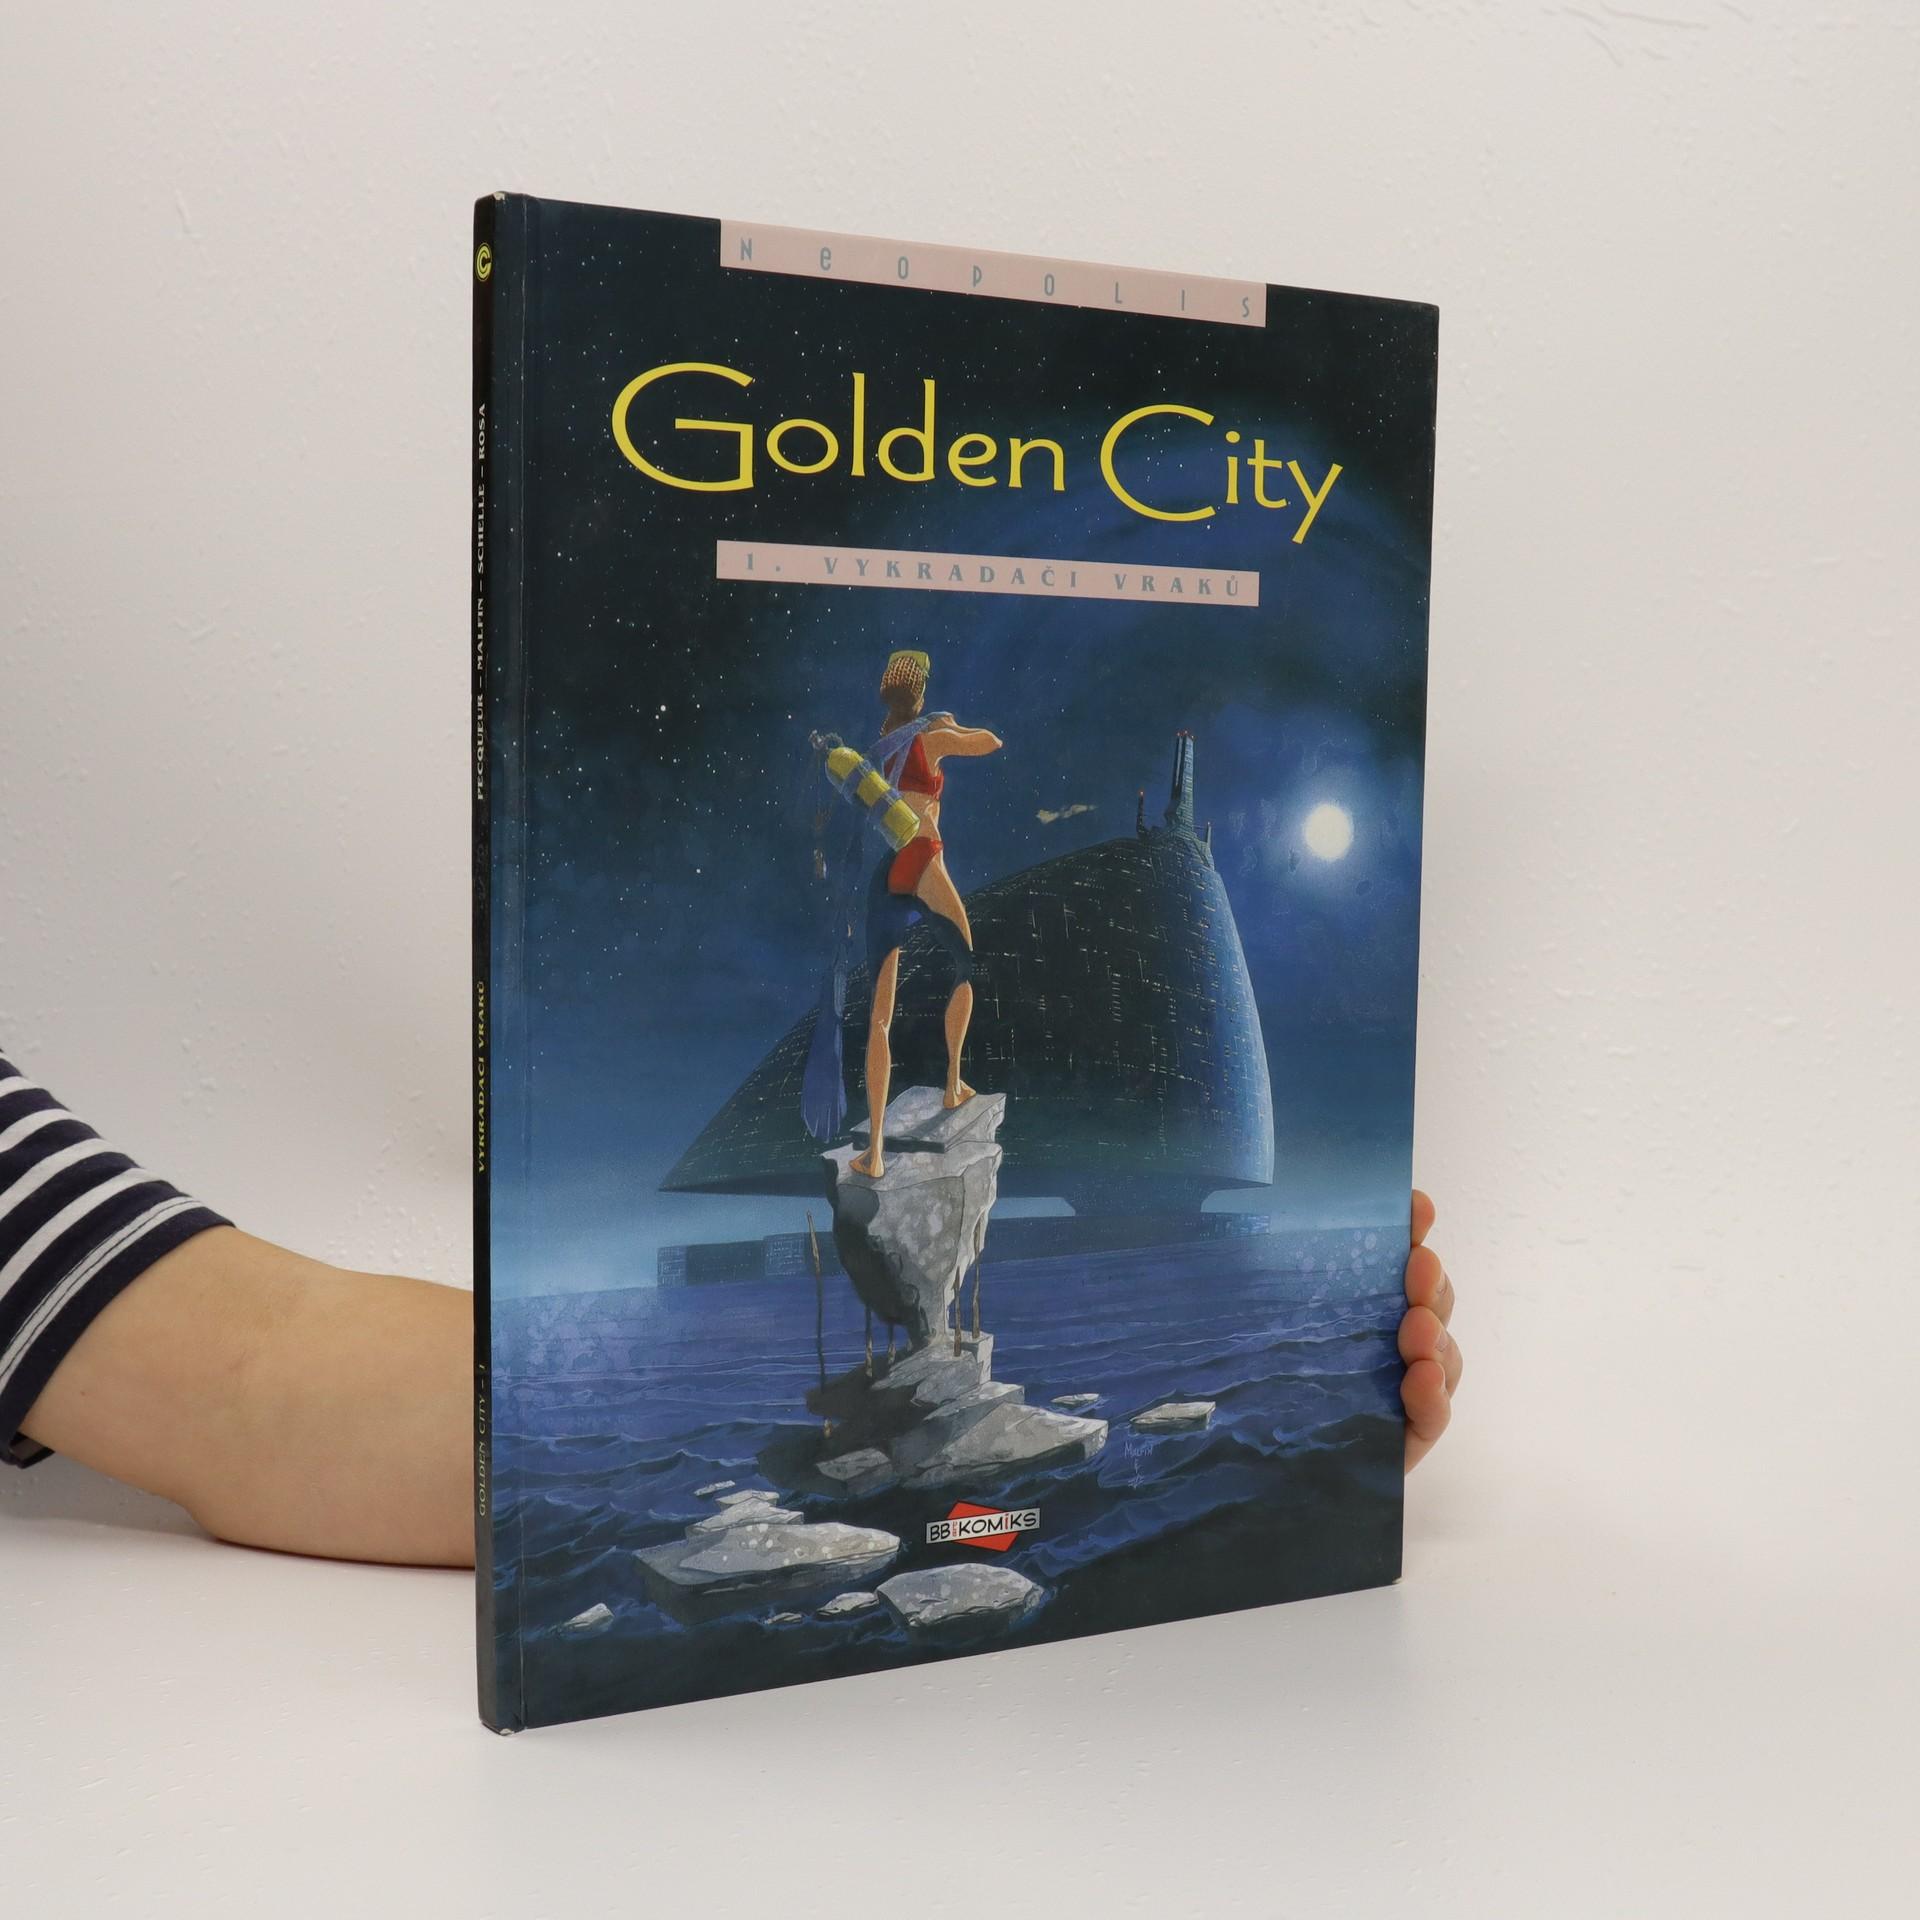 antikvární kniha Golden City. Vykradači vraků, 2002